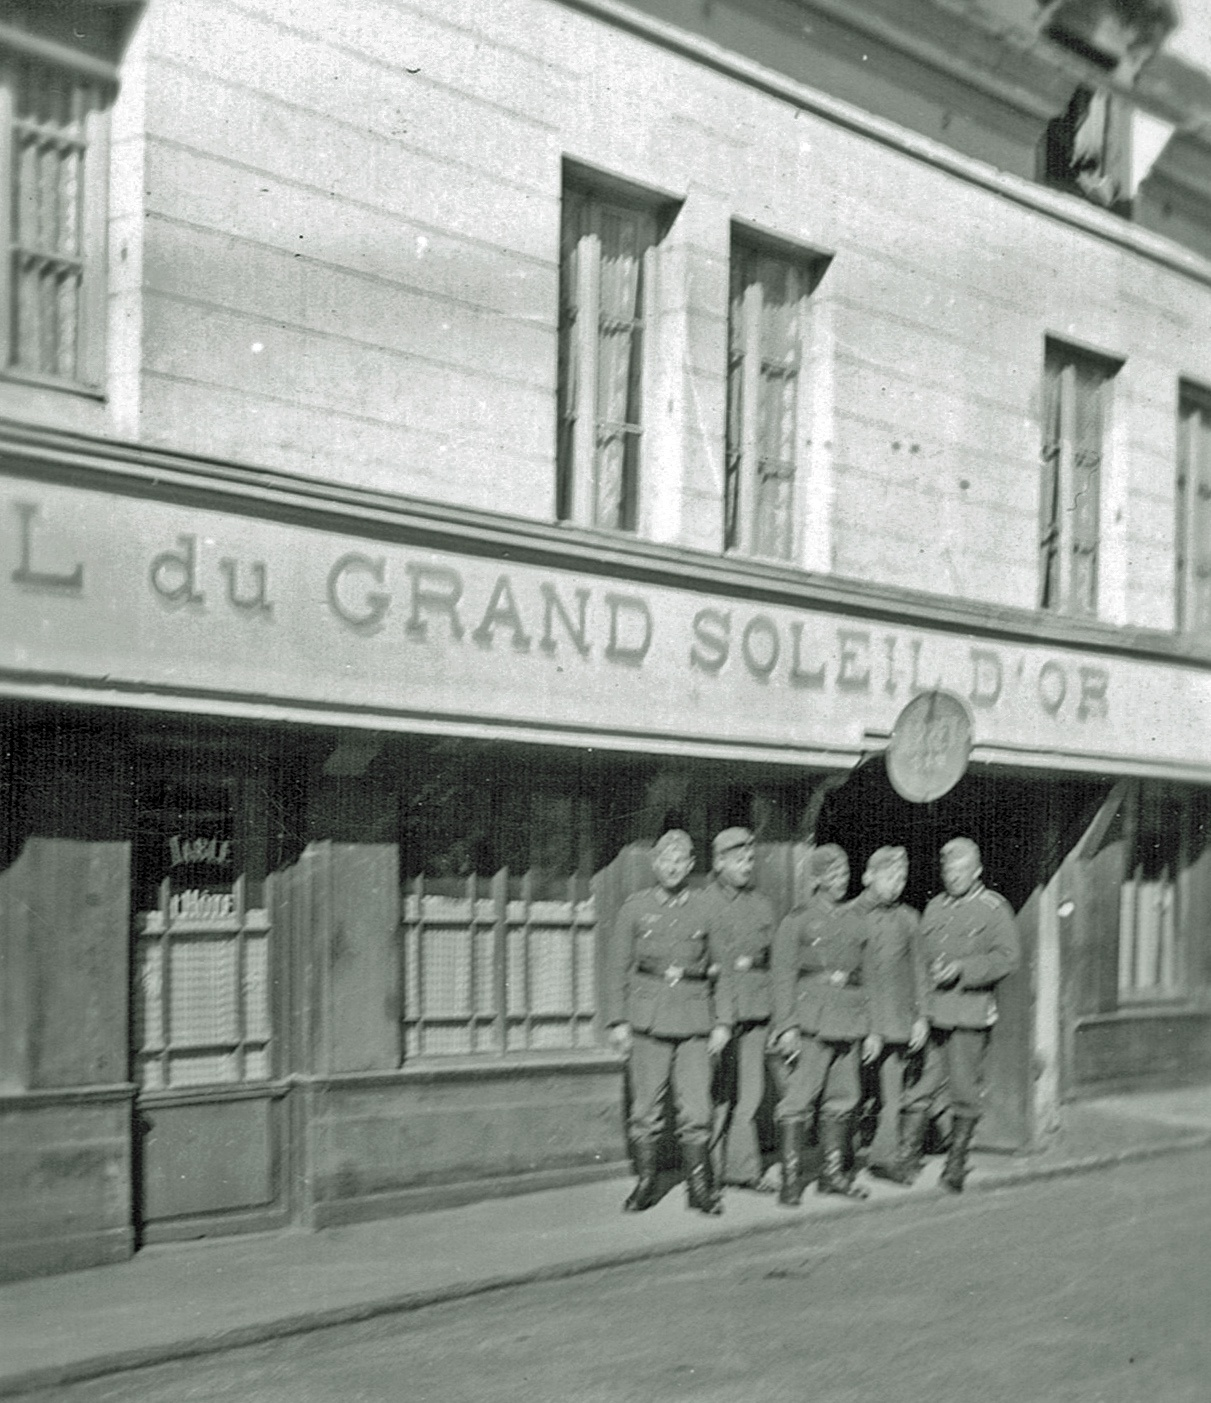 13. Mai 1941 Pause Hotel du Grand Soleil D'Or - Montfort sur Risle